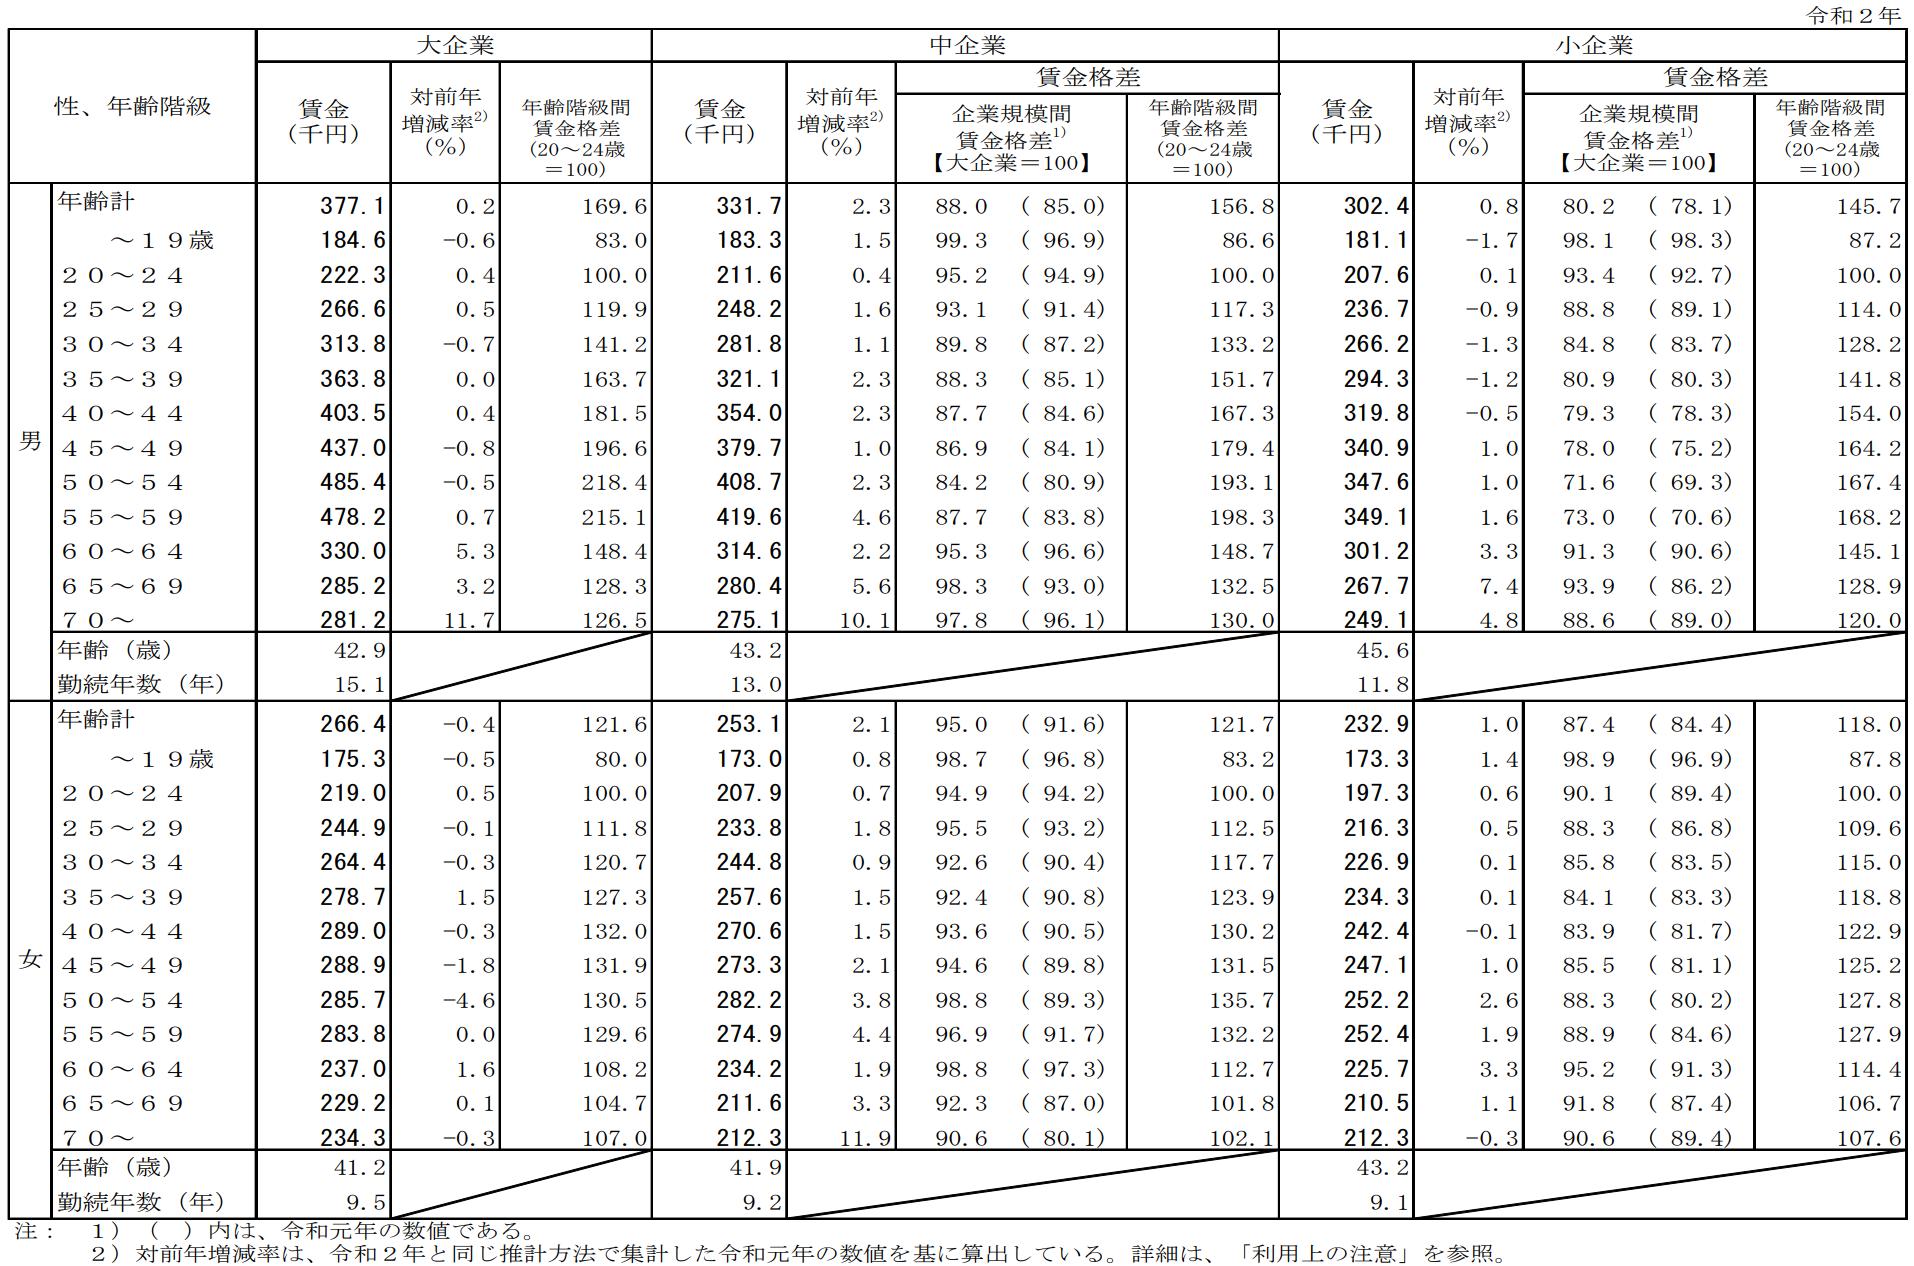 企業規模、性、年齢階級別賃金、対前年増減率、企業規模間賃金格差及び年齢階級間賃金格差